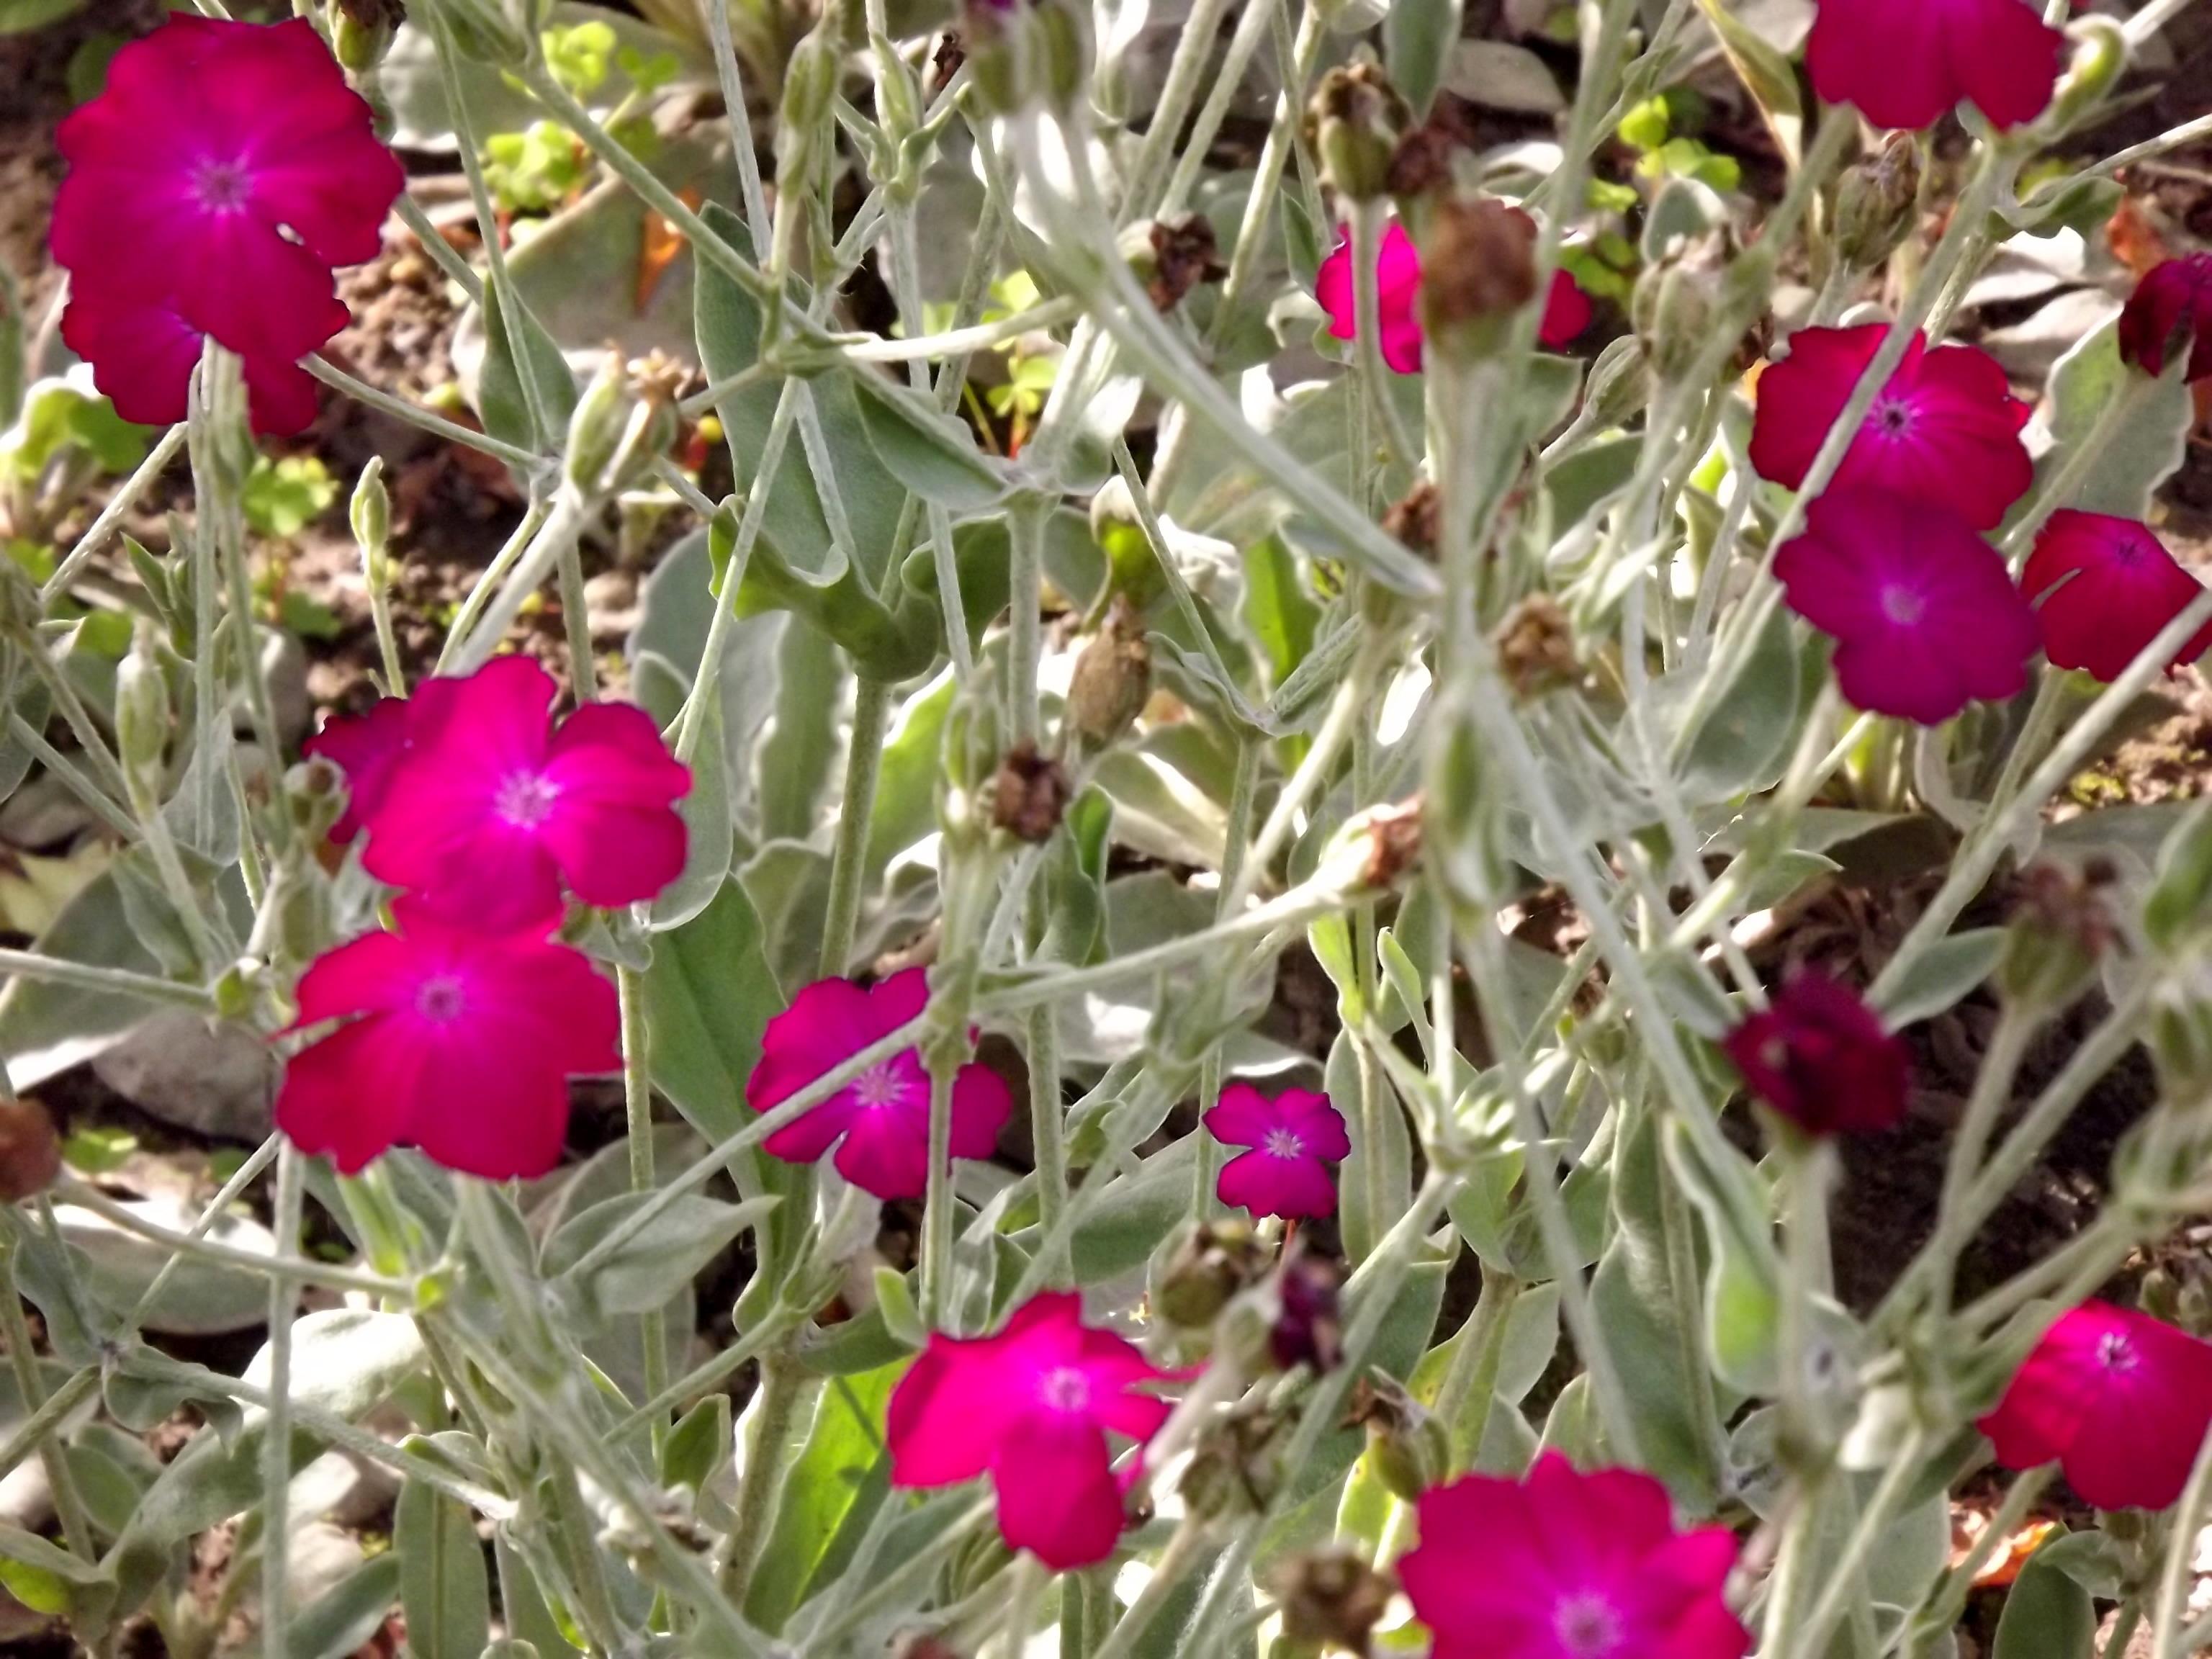 6280-bodendecker-grau-gruen-rosa-blueten